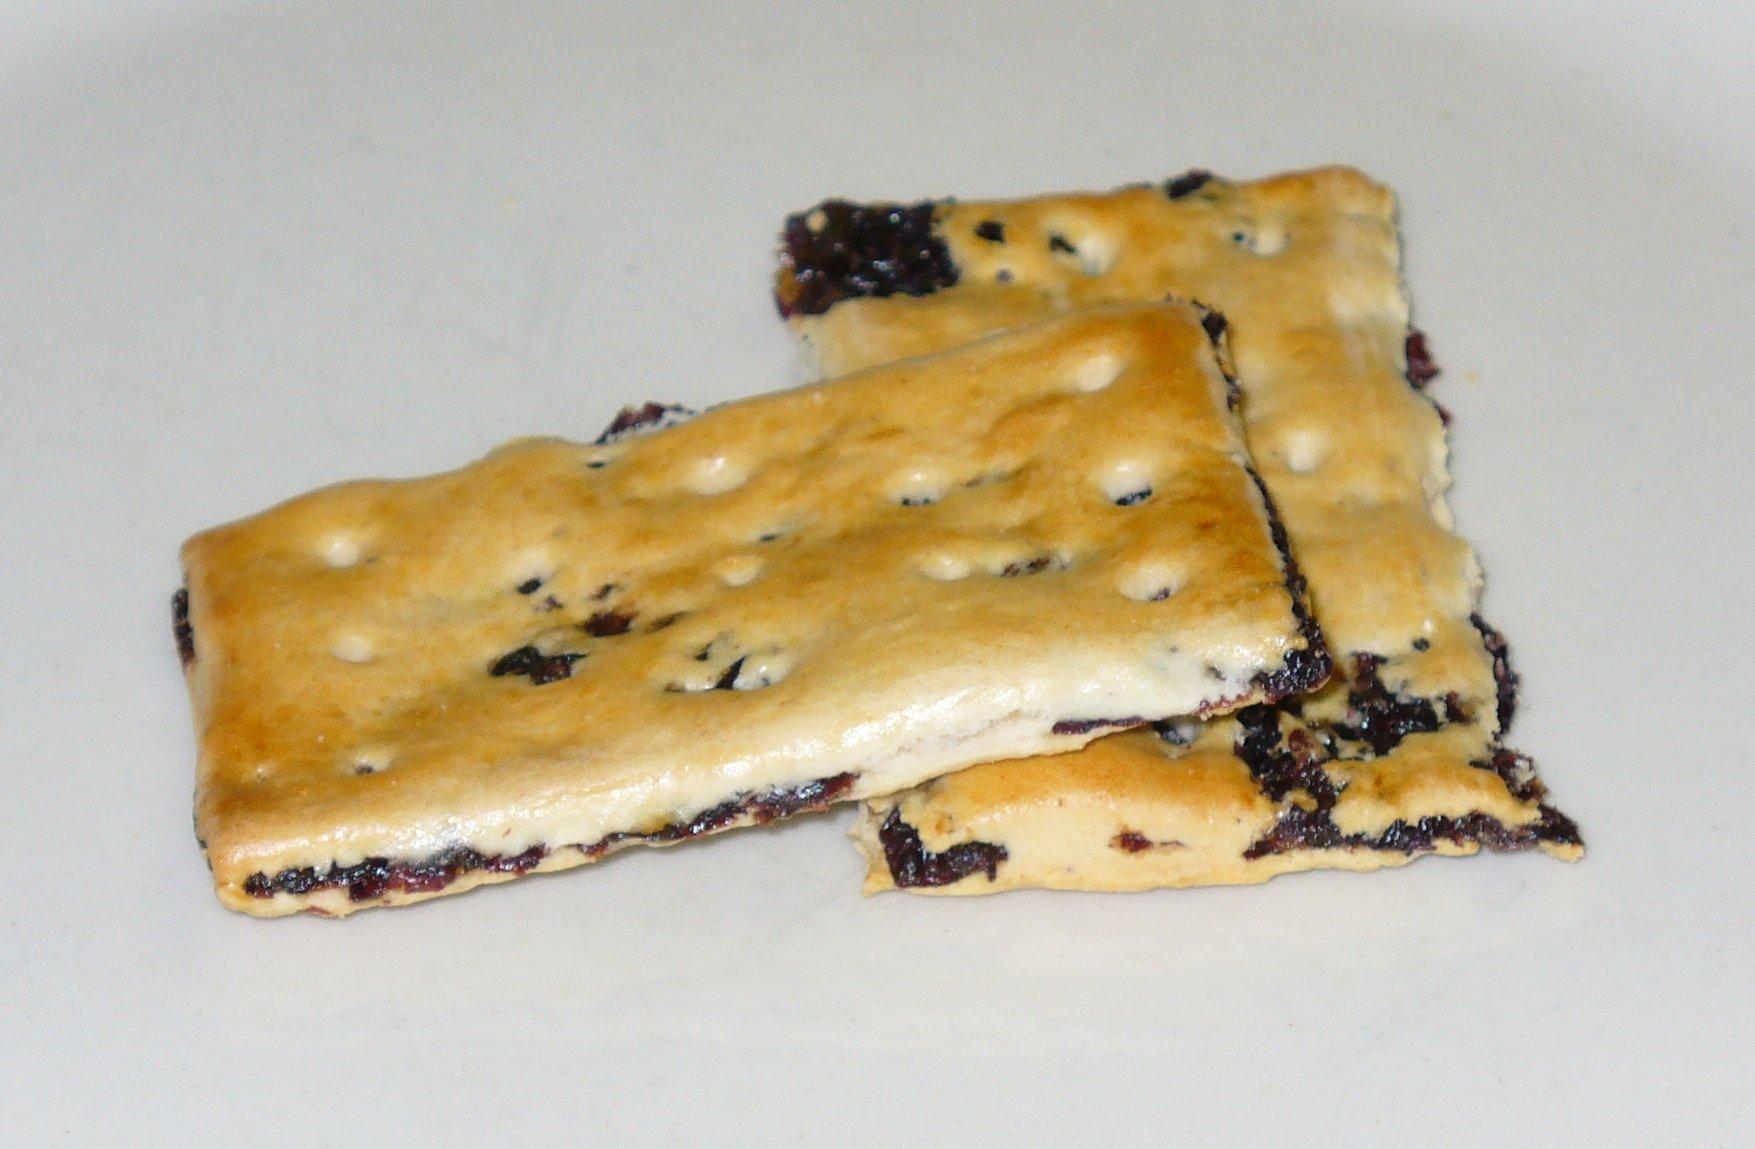 Garibaldi biscuit, via Wikipedia